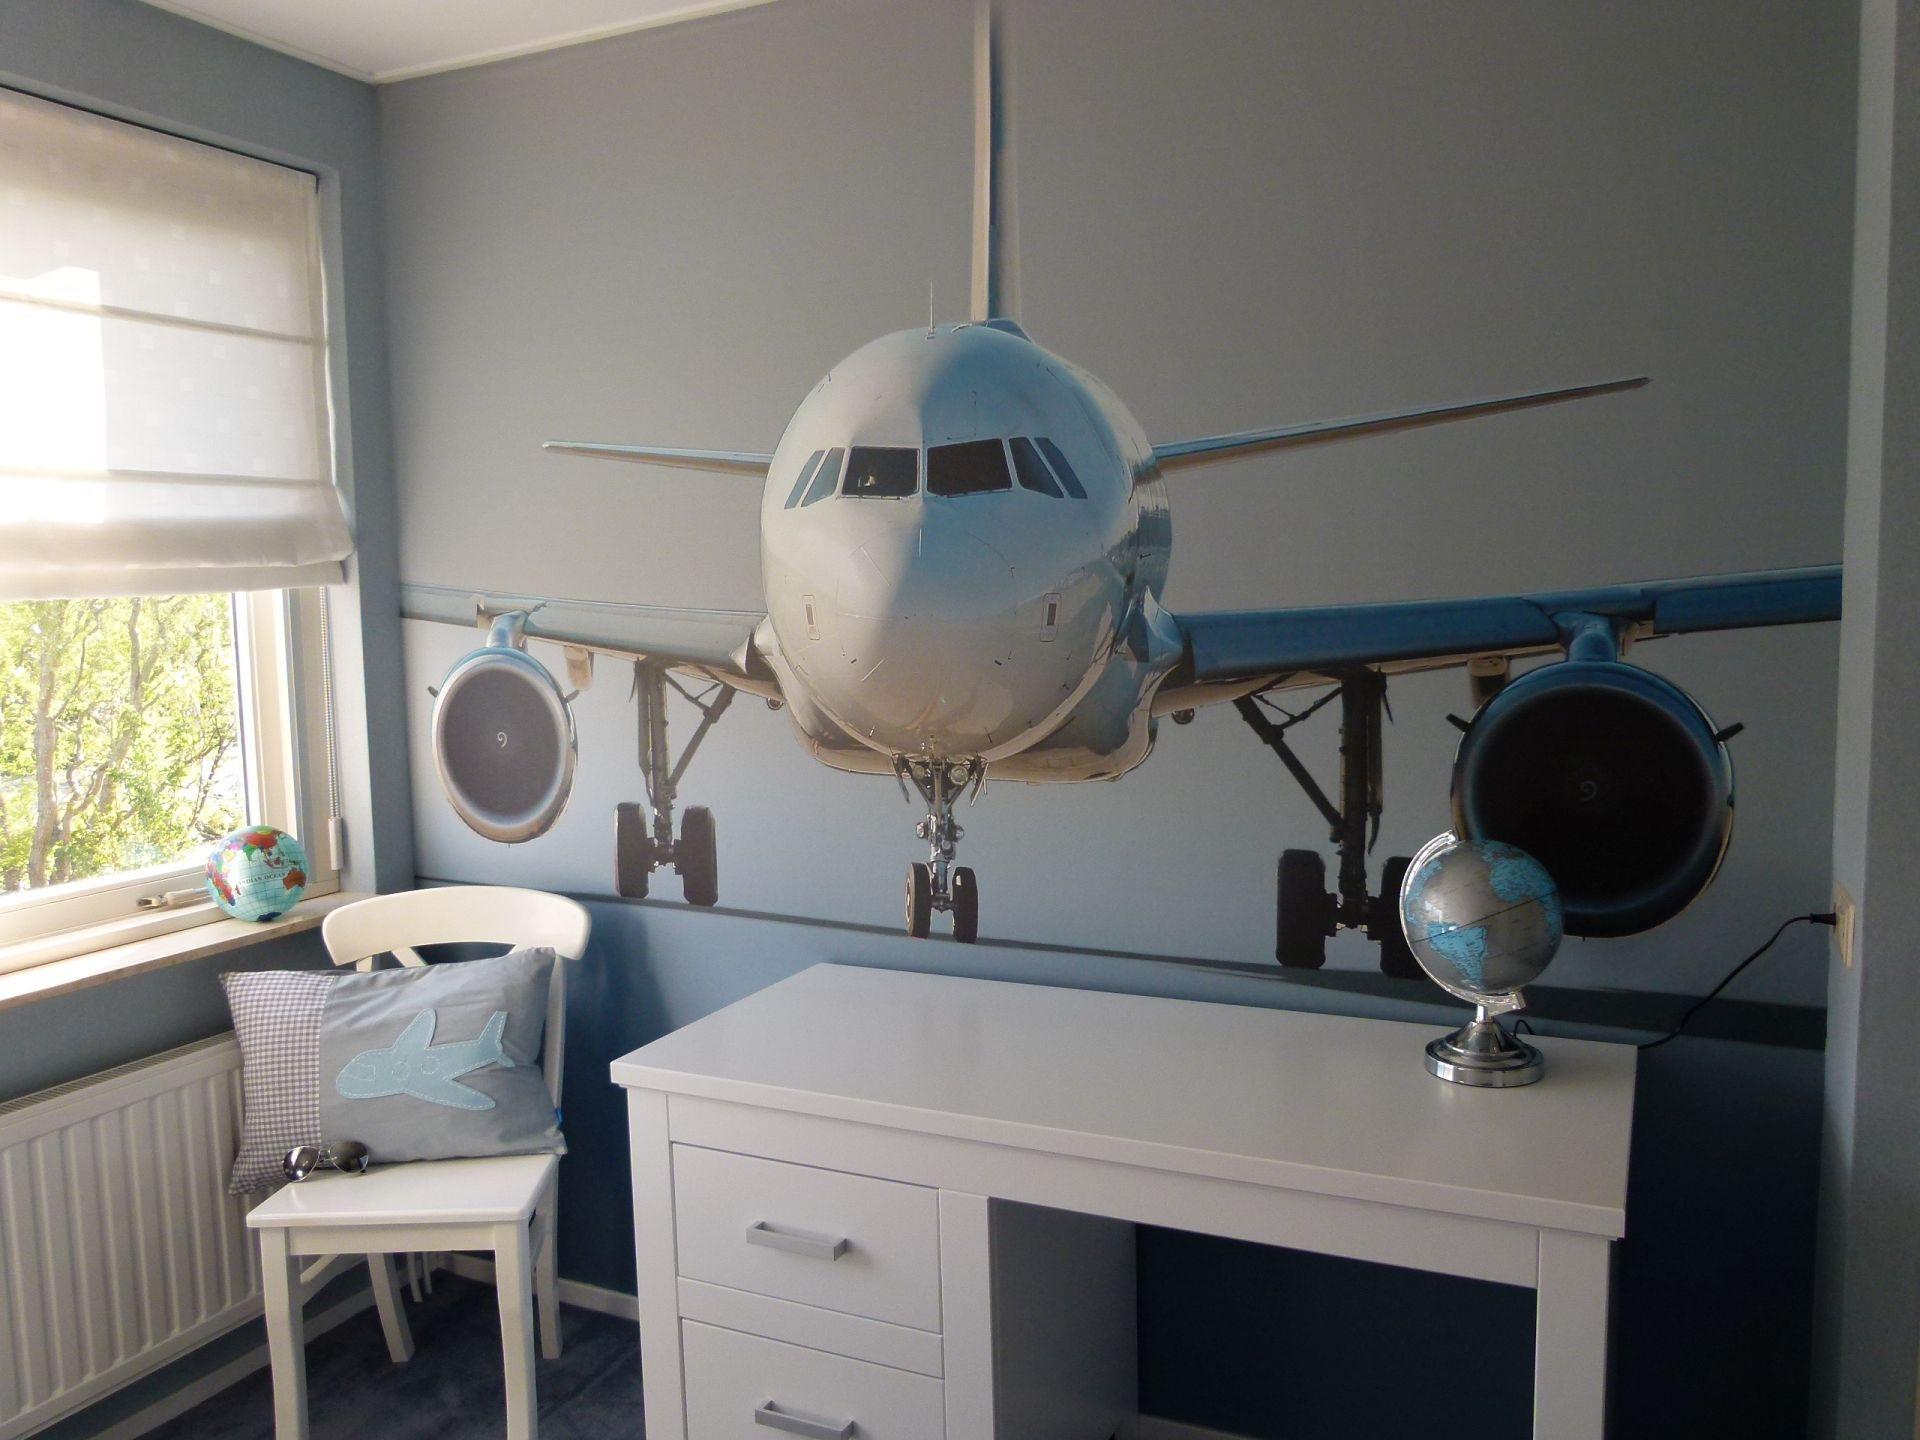 Vliegtuig kinderkamer jongenskamer behang kinderkamer jongen grijs nursery boy gray - Decoratie slaapkamer jongen jaar ...